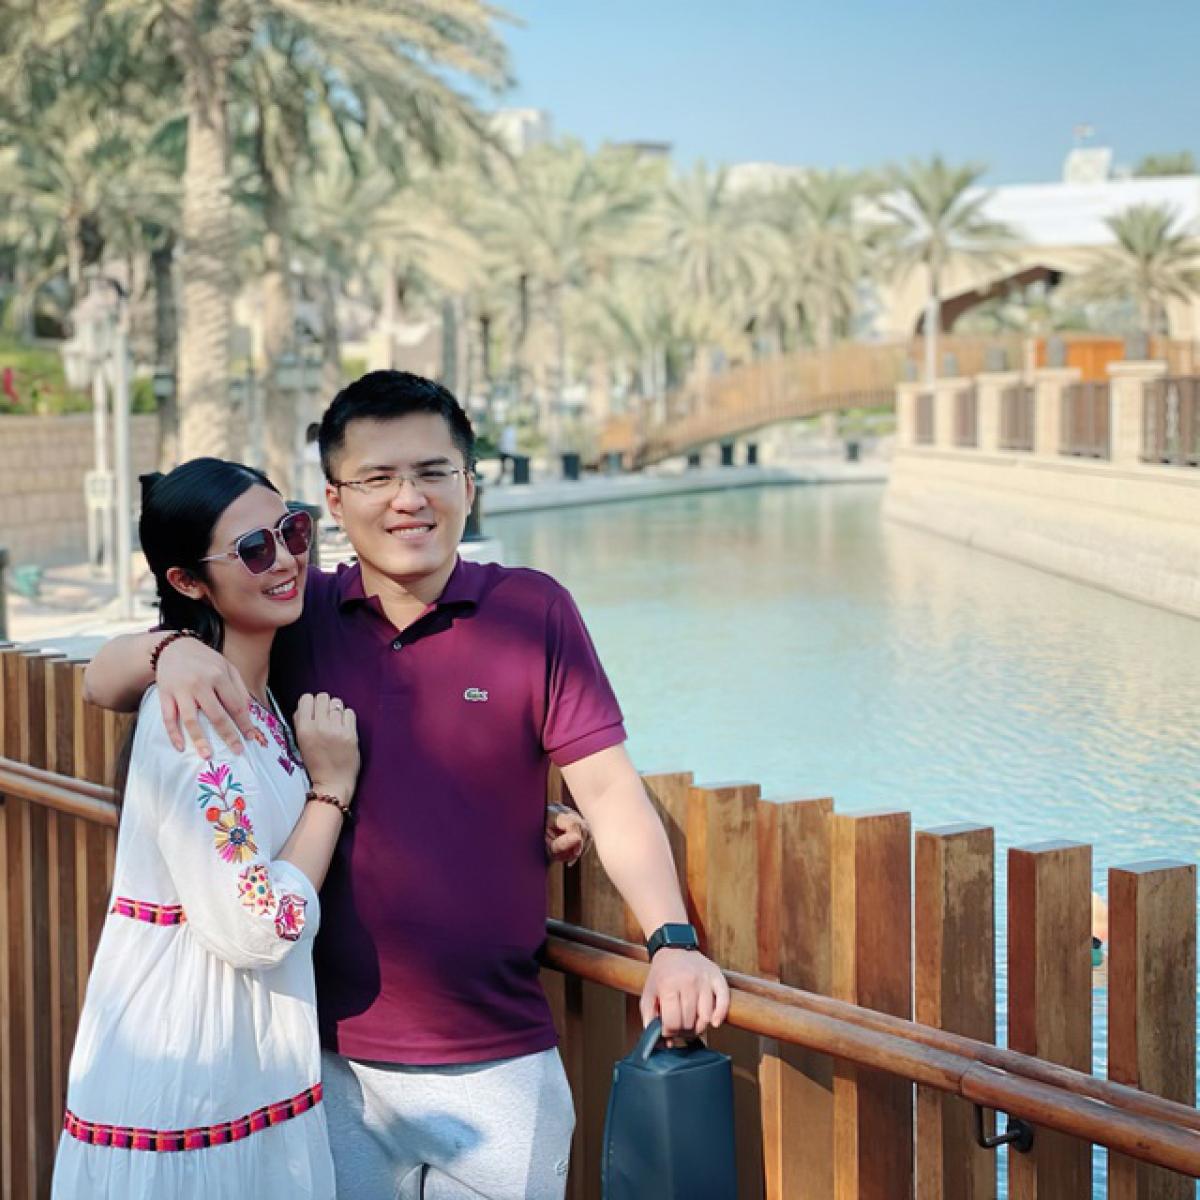 Hoa hậu Ngọc Hân và bạn trai.